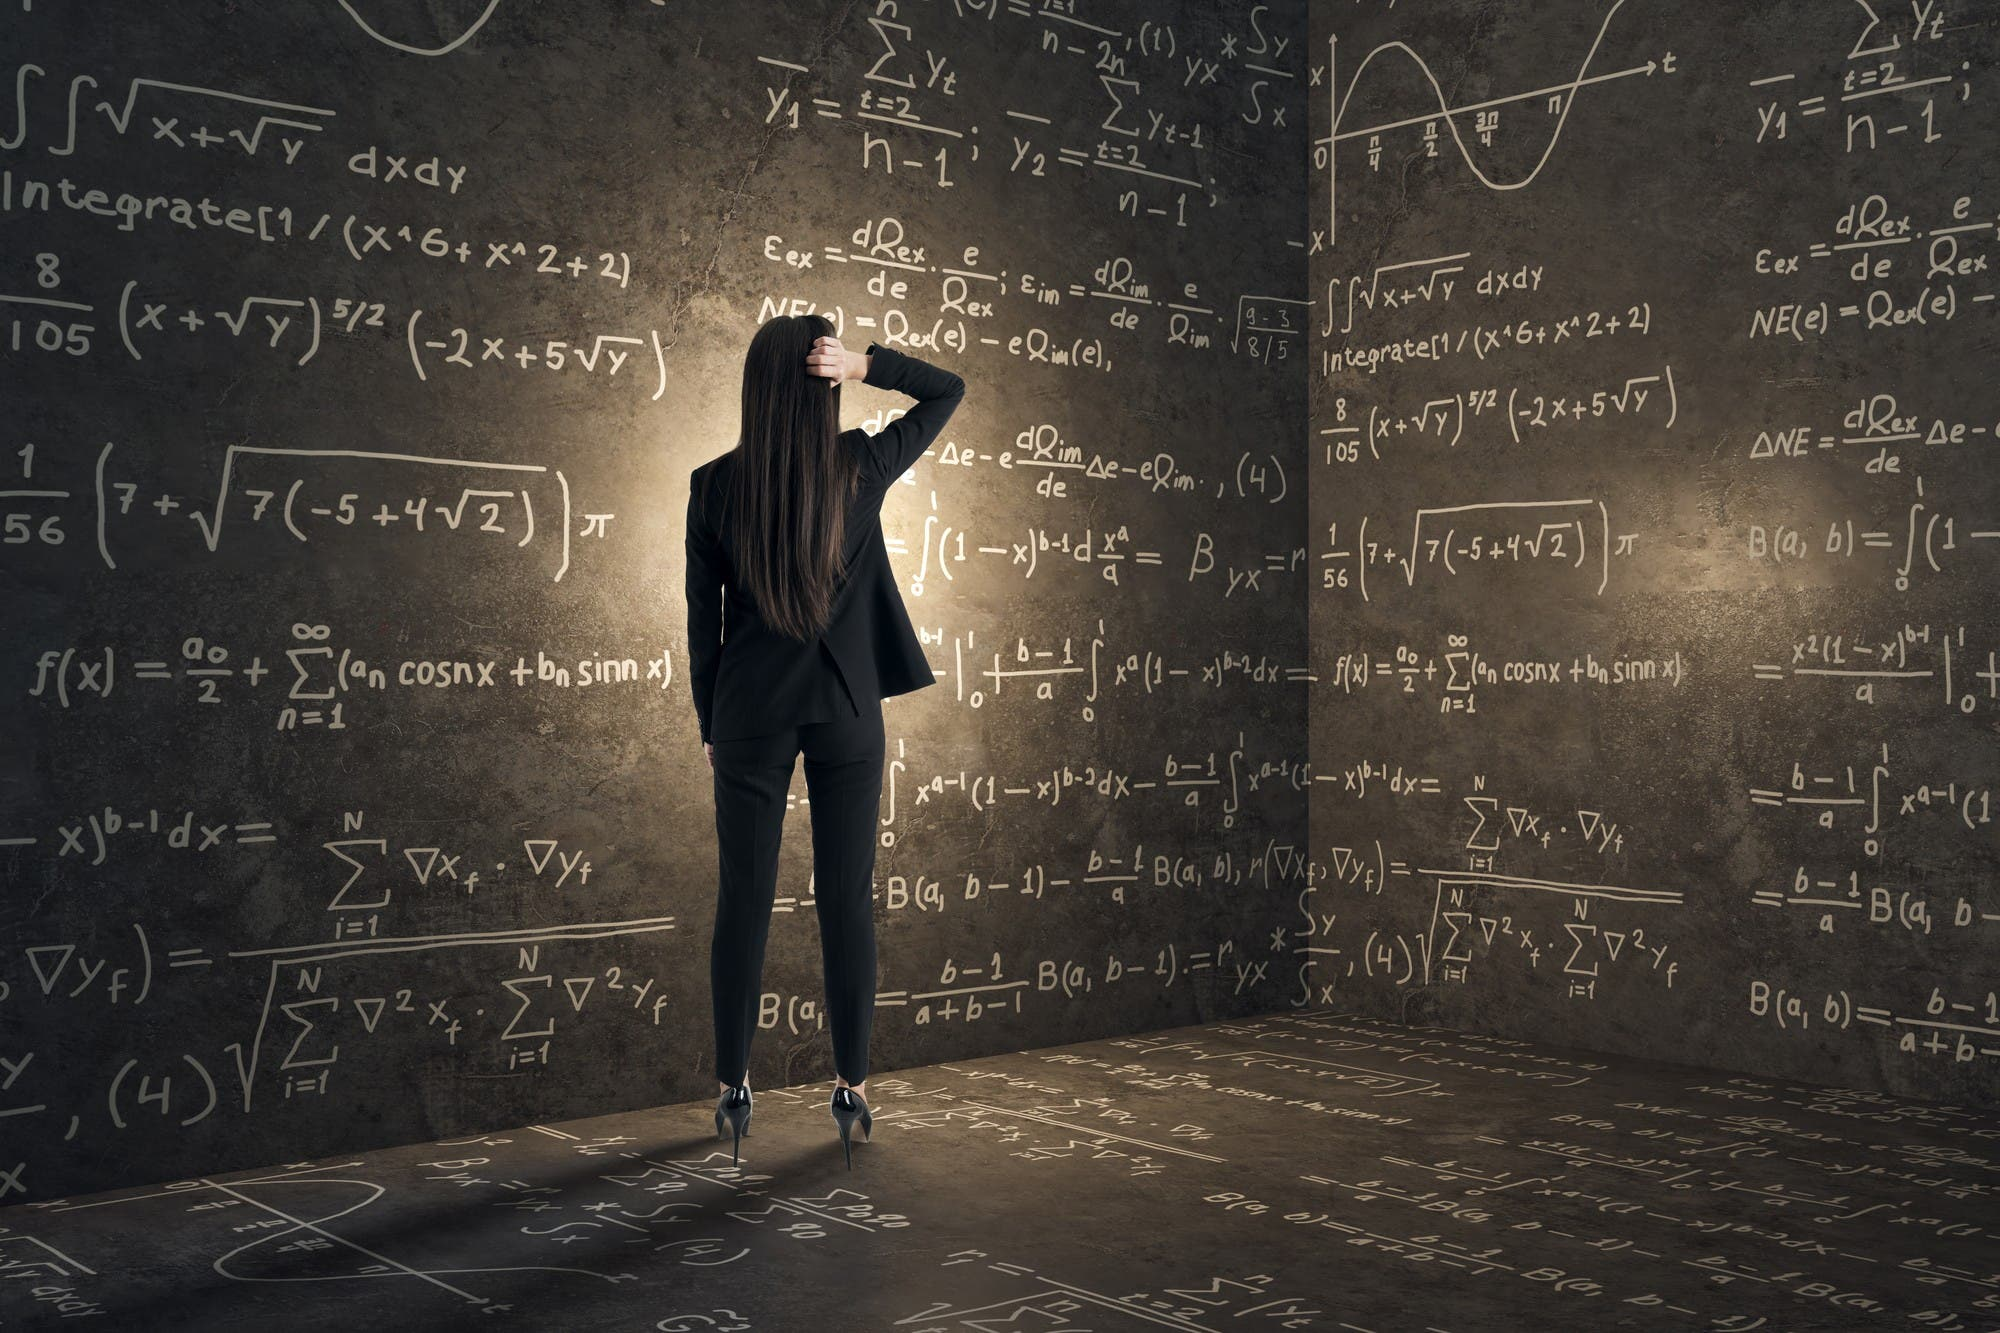 Los algoritmos son irresponsables (y no lo pueden evitar)